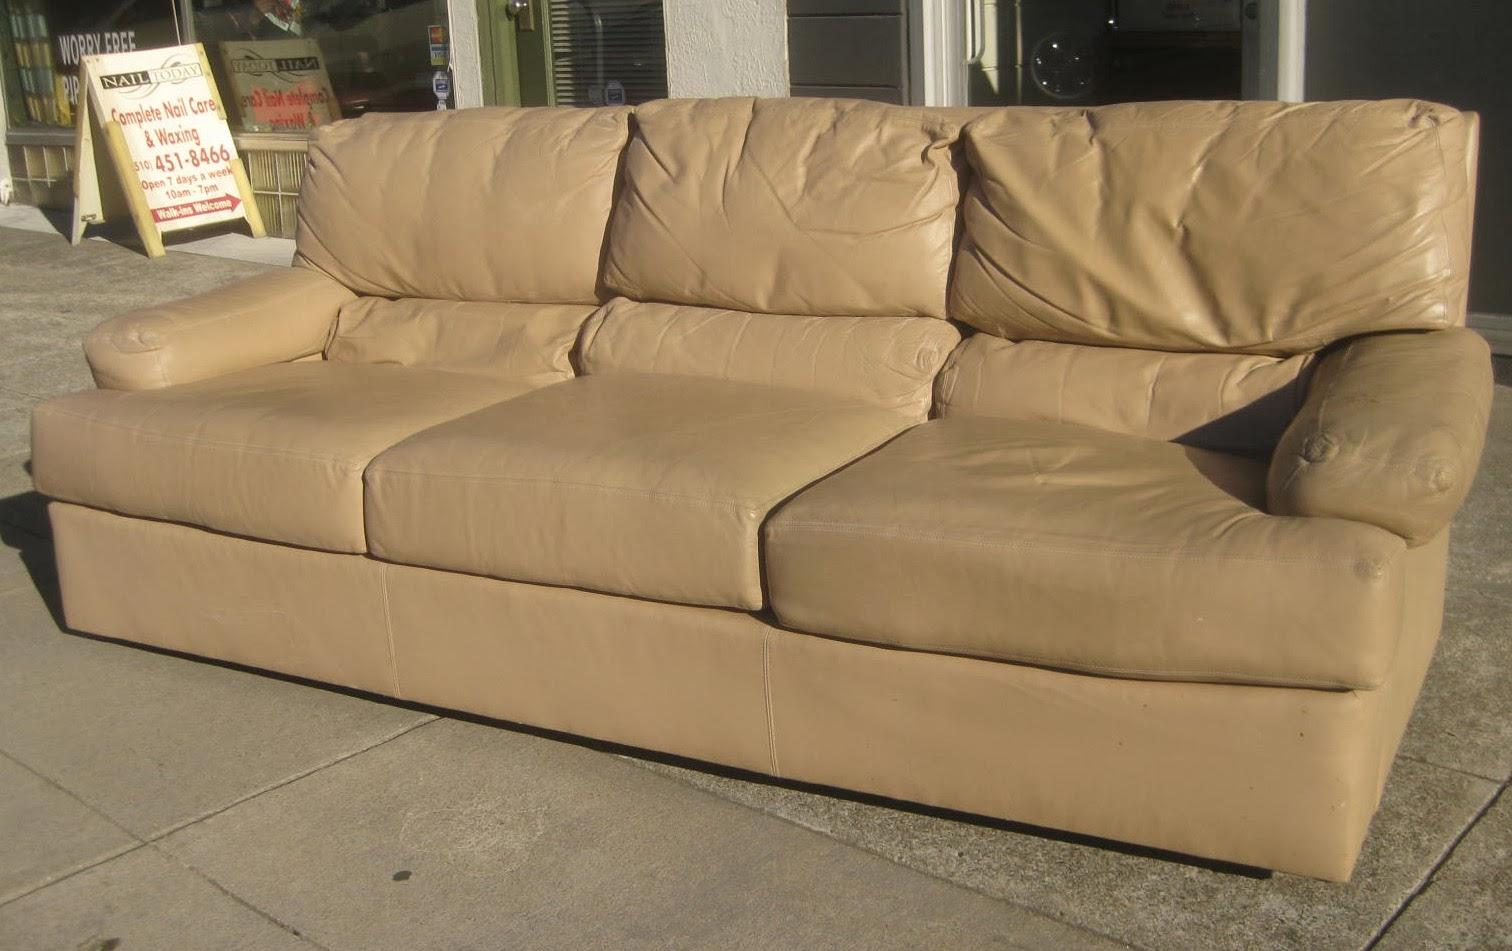 UHURU FURNITURE COLLECTIBLES SOLD Tan Leather Sofa 80